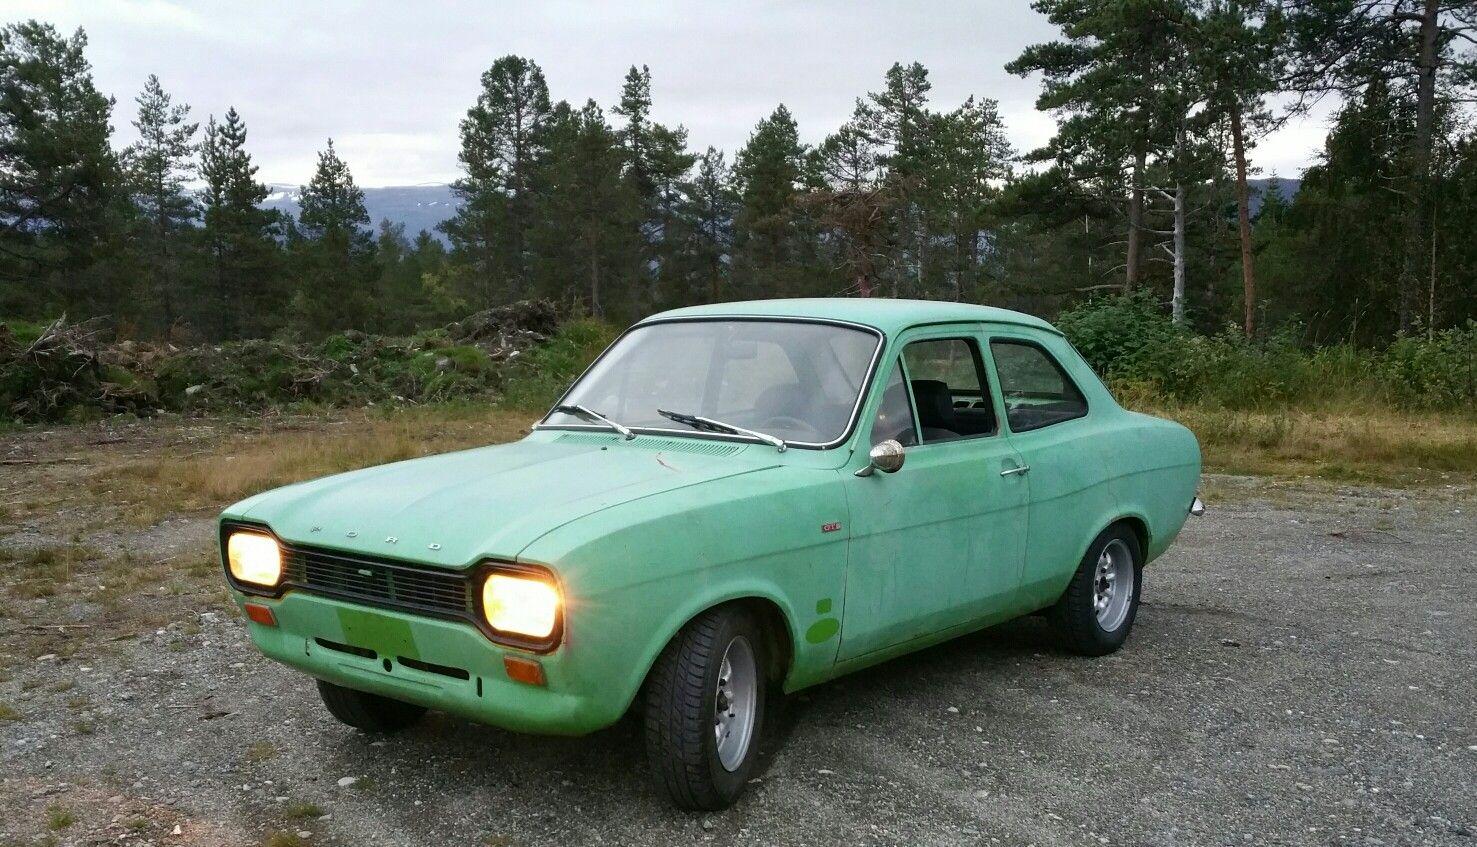 1968 Escort 1300 Gt  Escort  Escortmk1  1300gt